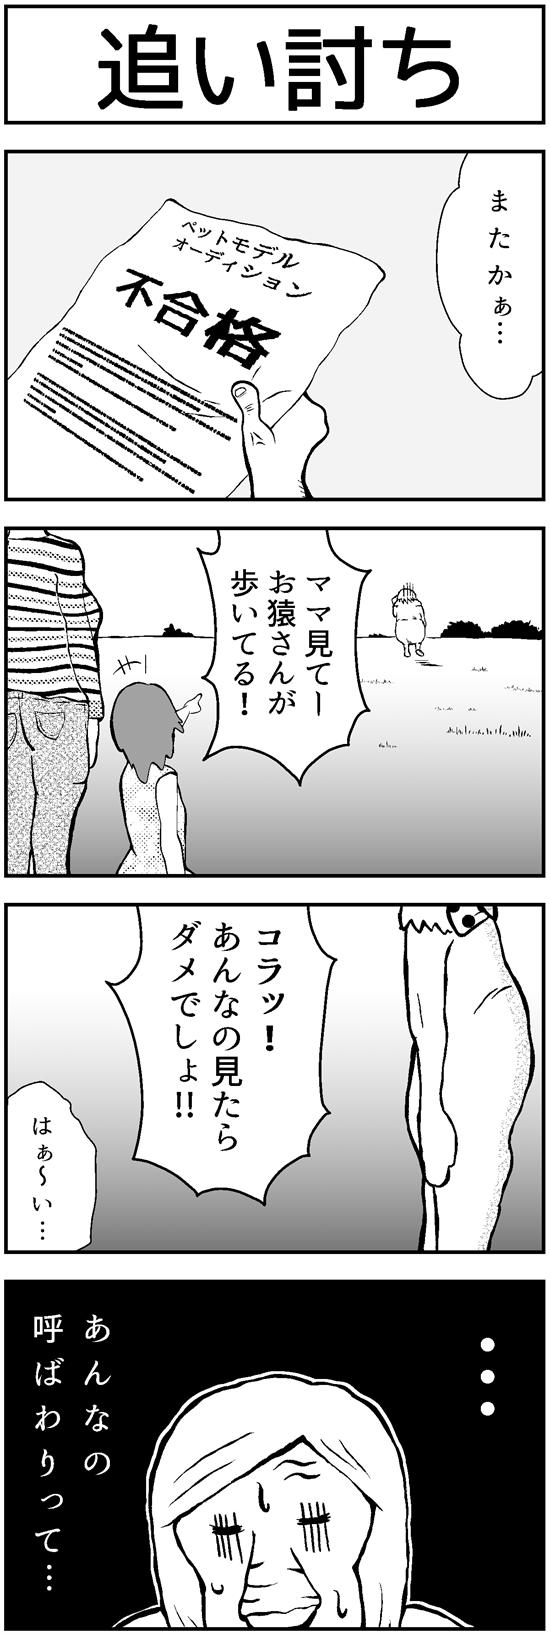 4コマ漫画「追い討ち」